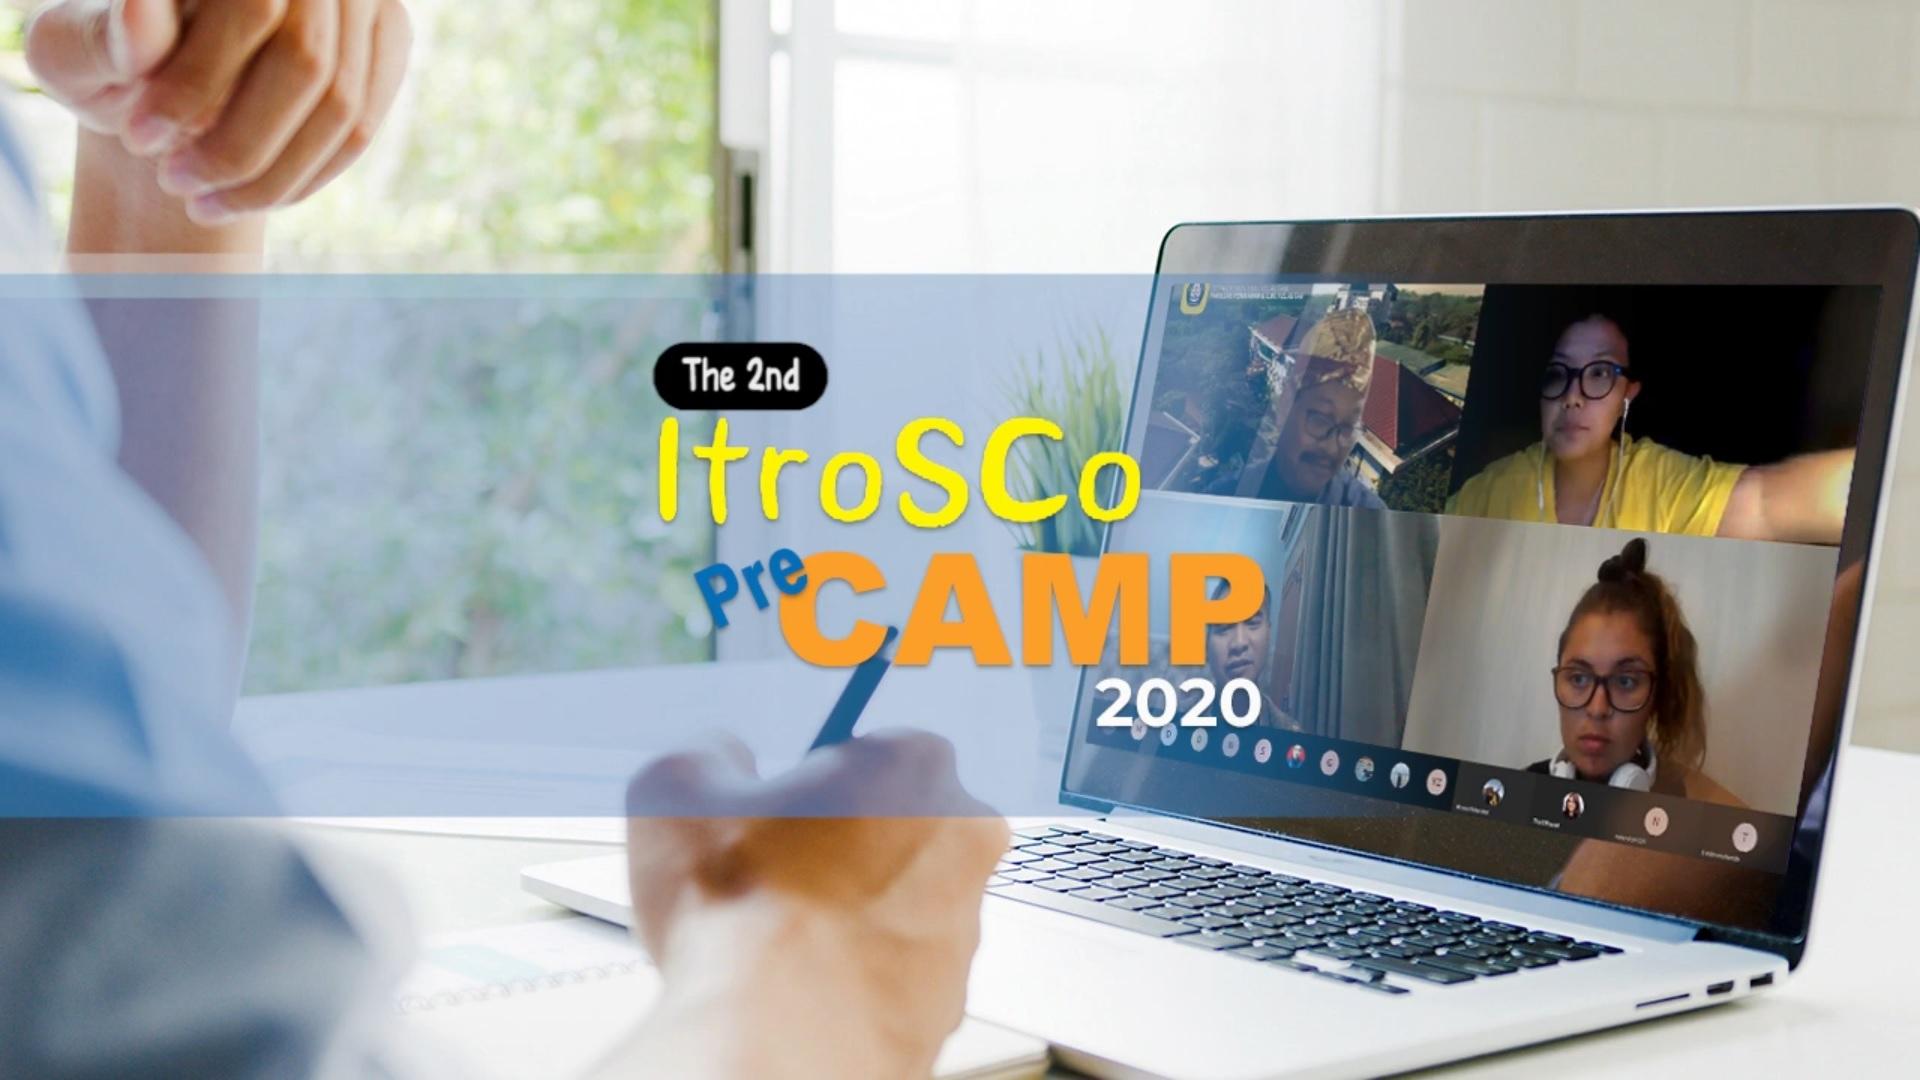 ITroSCo Participants 2020 Celebrate the 63rd Anniversary of Universitas Diponegoro